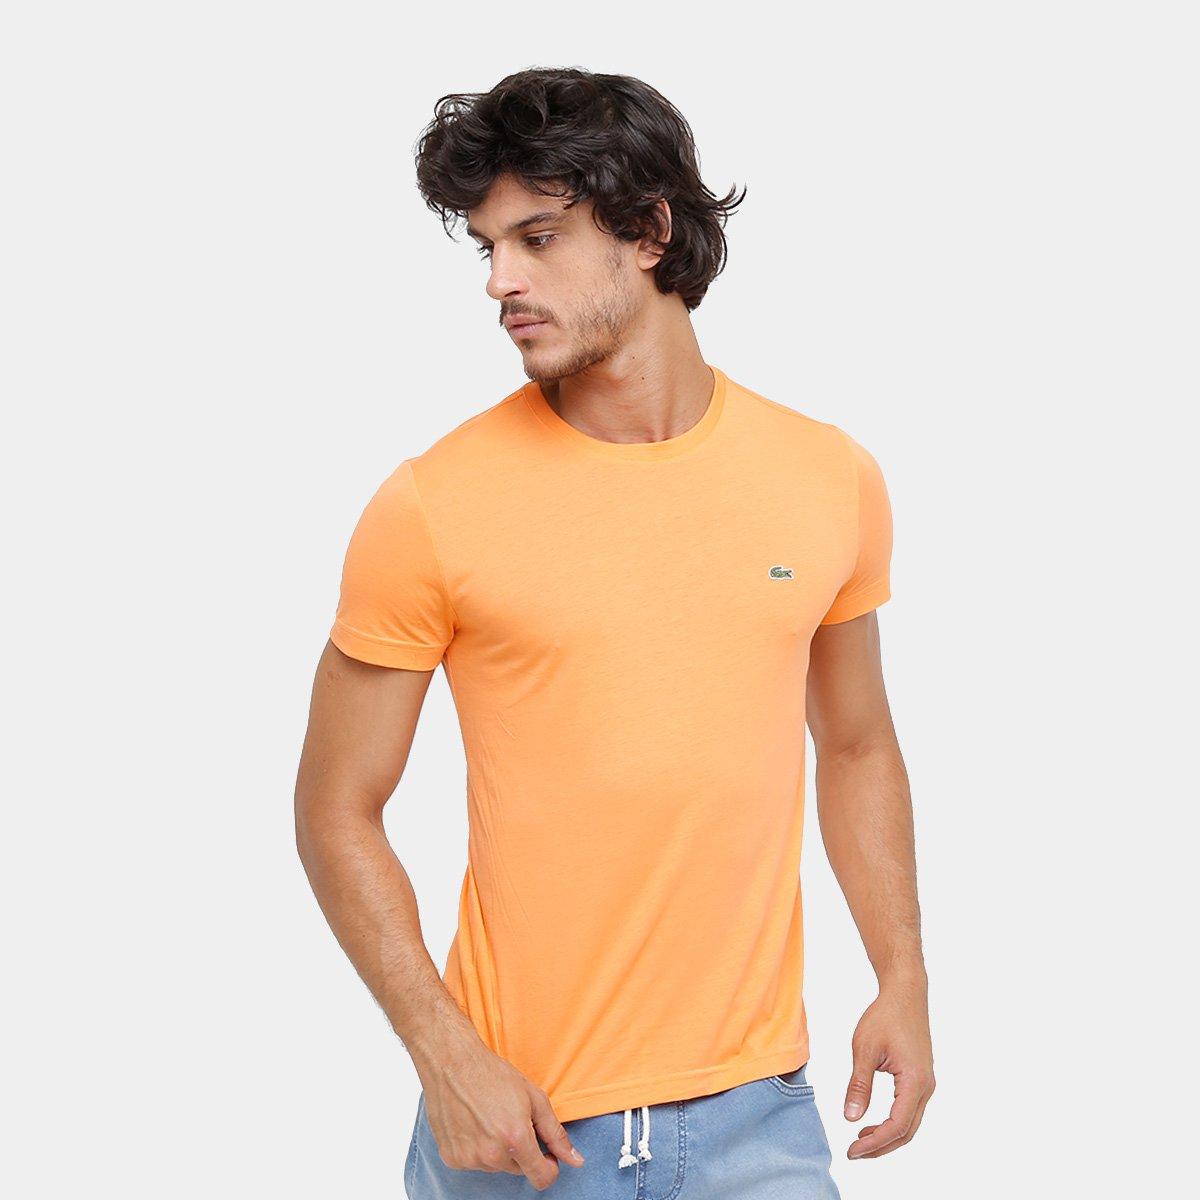 4cd3ee1a65c Camiseta Lacoste Básica Masculina - Compre Agora